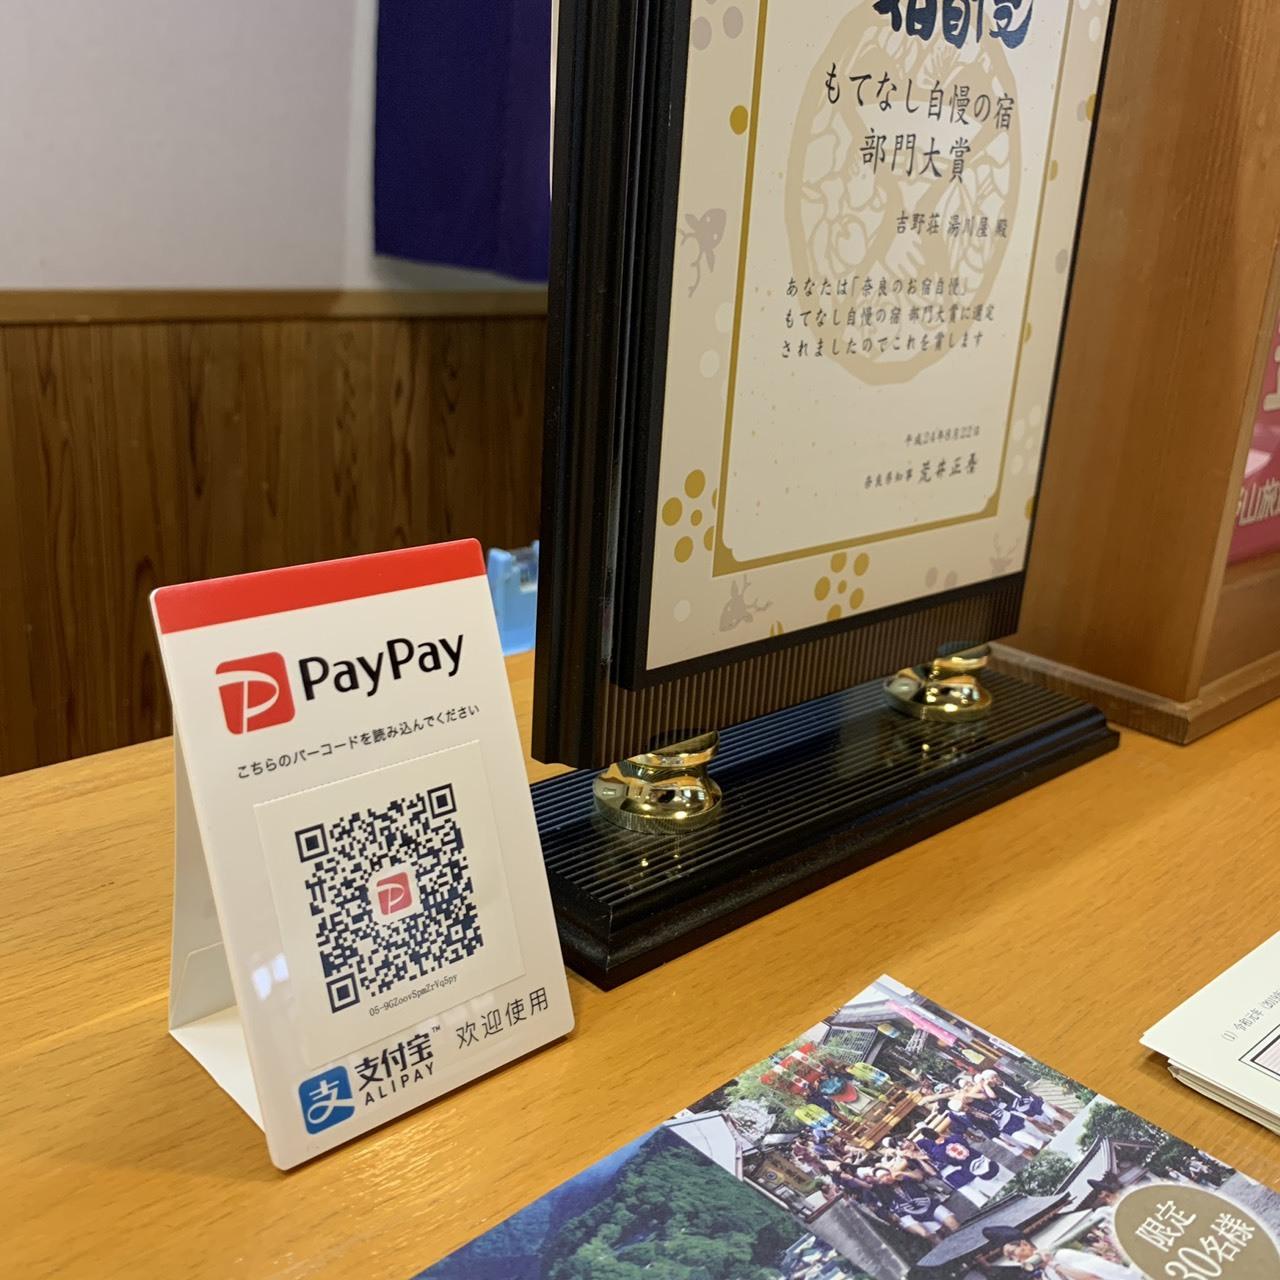 当館でキャッシュレス支払い「PayPay」「ALIPAY」ができるようになりました。_e0154524_06442953.jpg